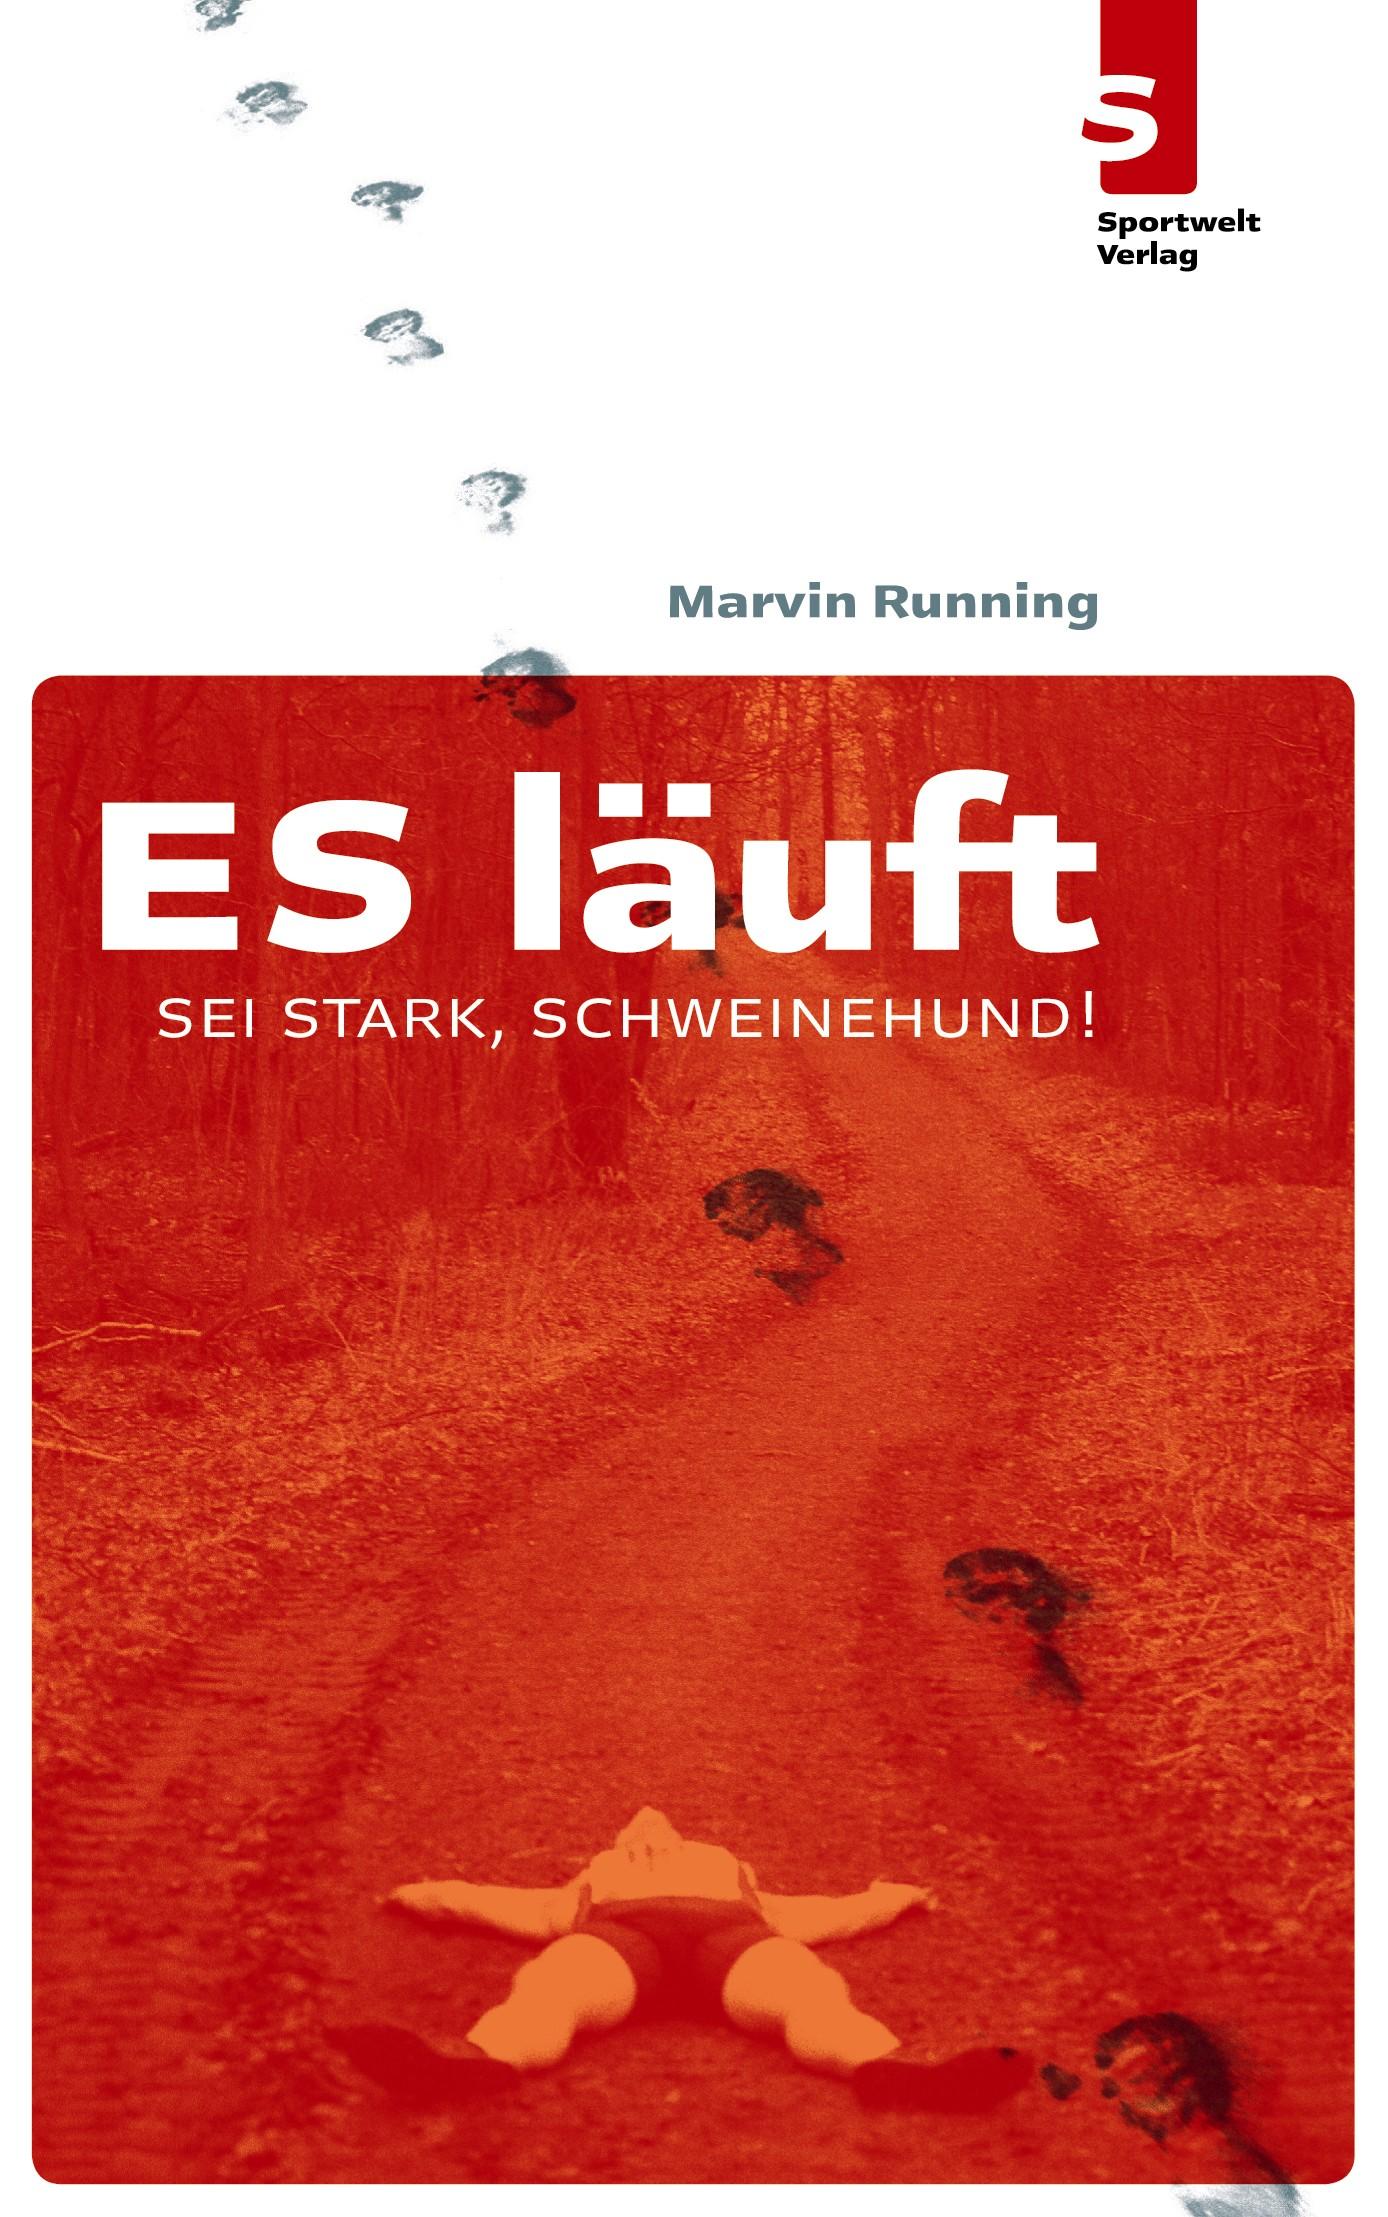 ES läuft: Sei stark, Schweinehund! - Marvin Run...